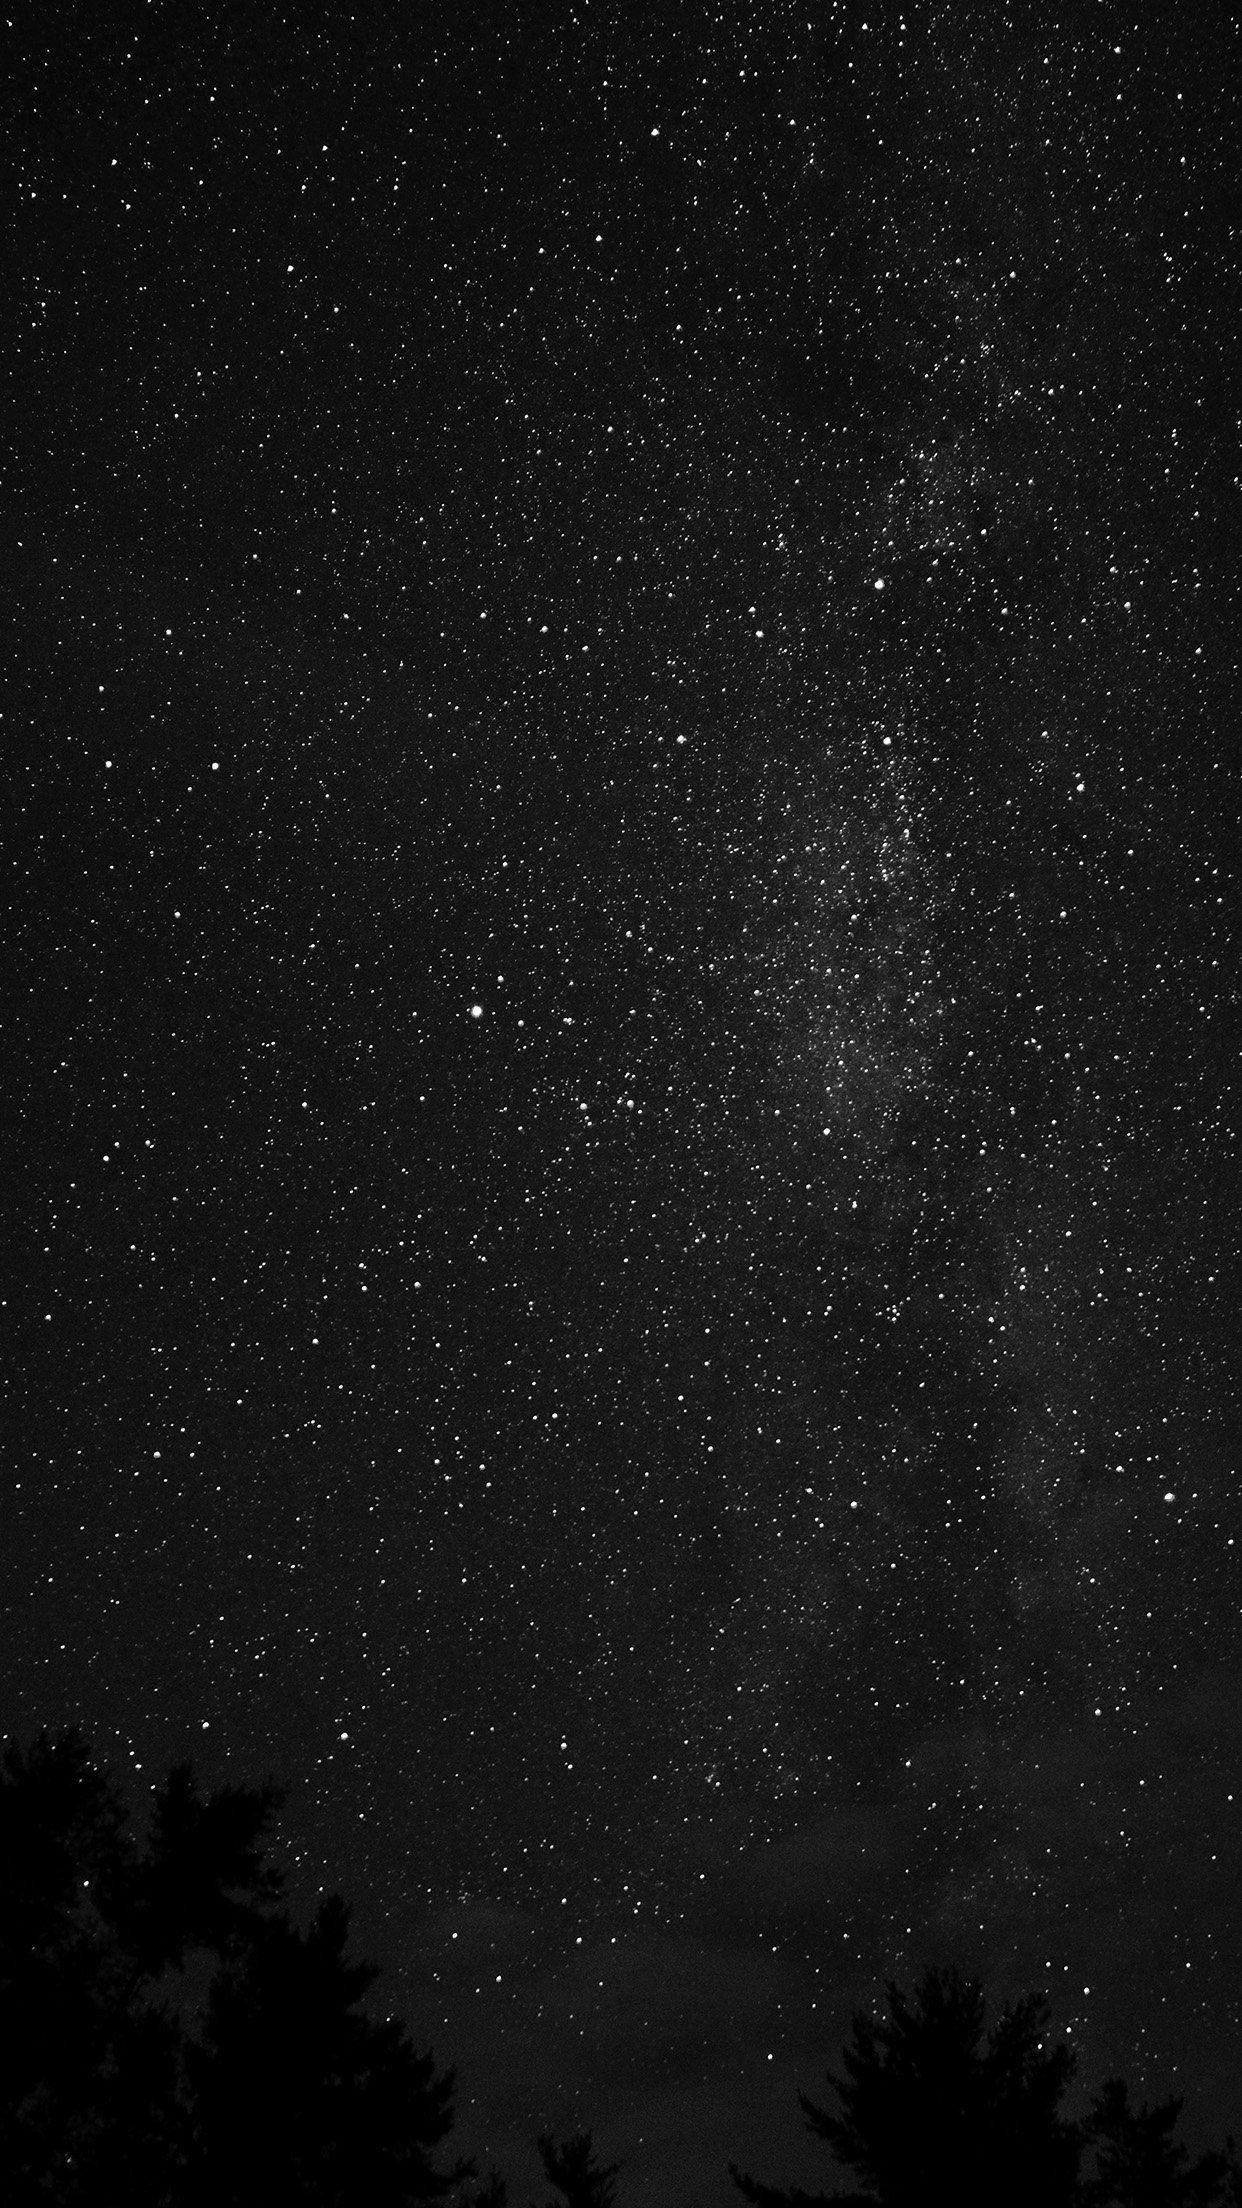 картинки звезды на небе на смартфон нашем каталоге уже